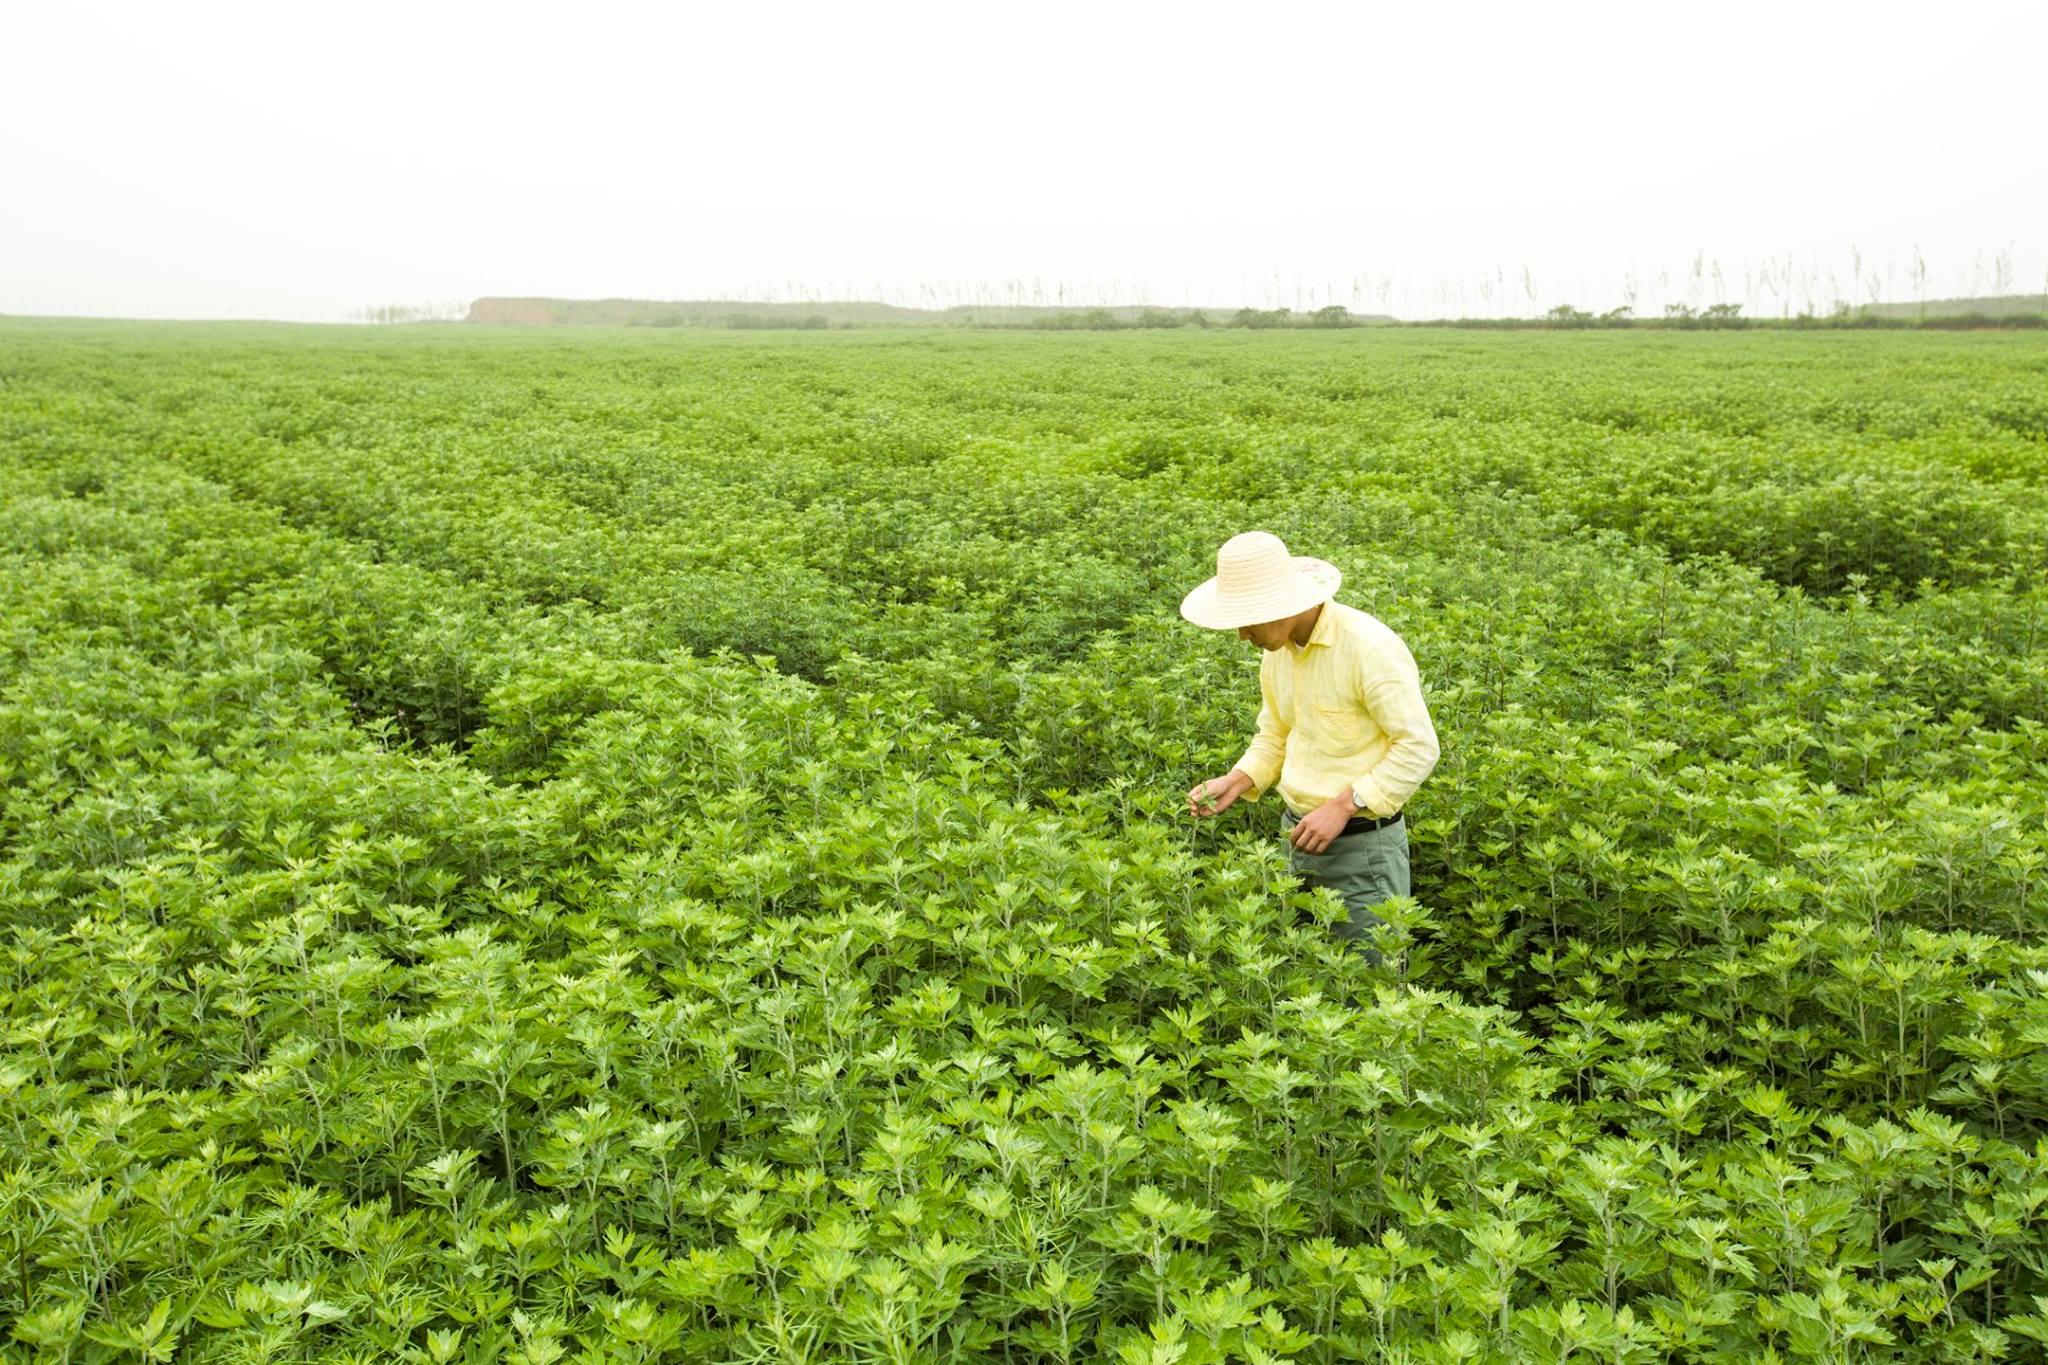 Champs d'Artemisia Argyi la plante utilisée pour la pratique de l' acupuncture & moxibustion